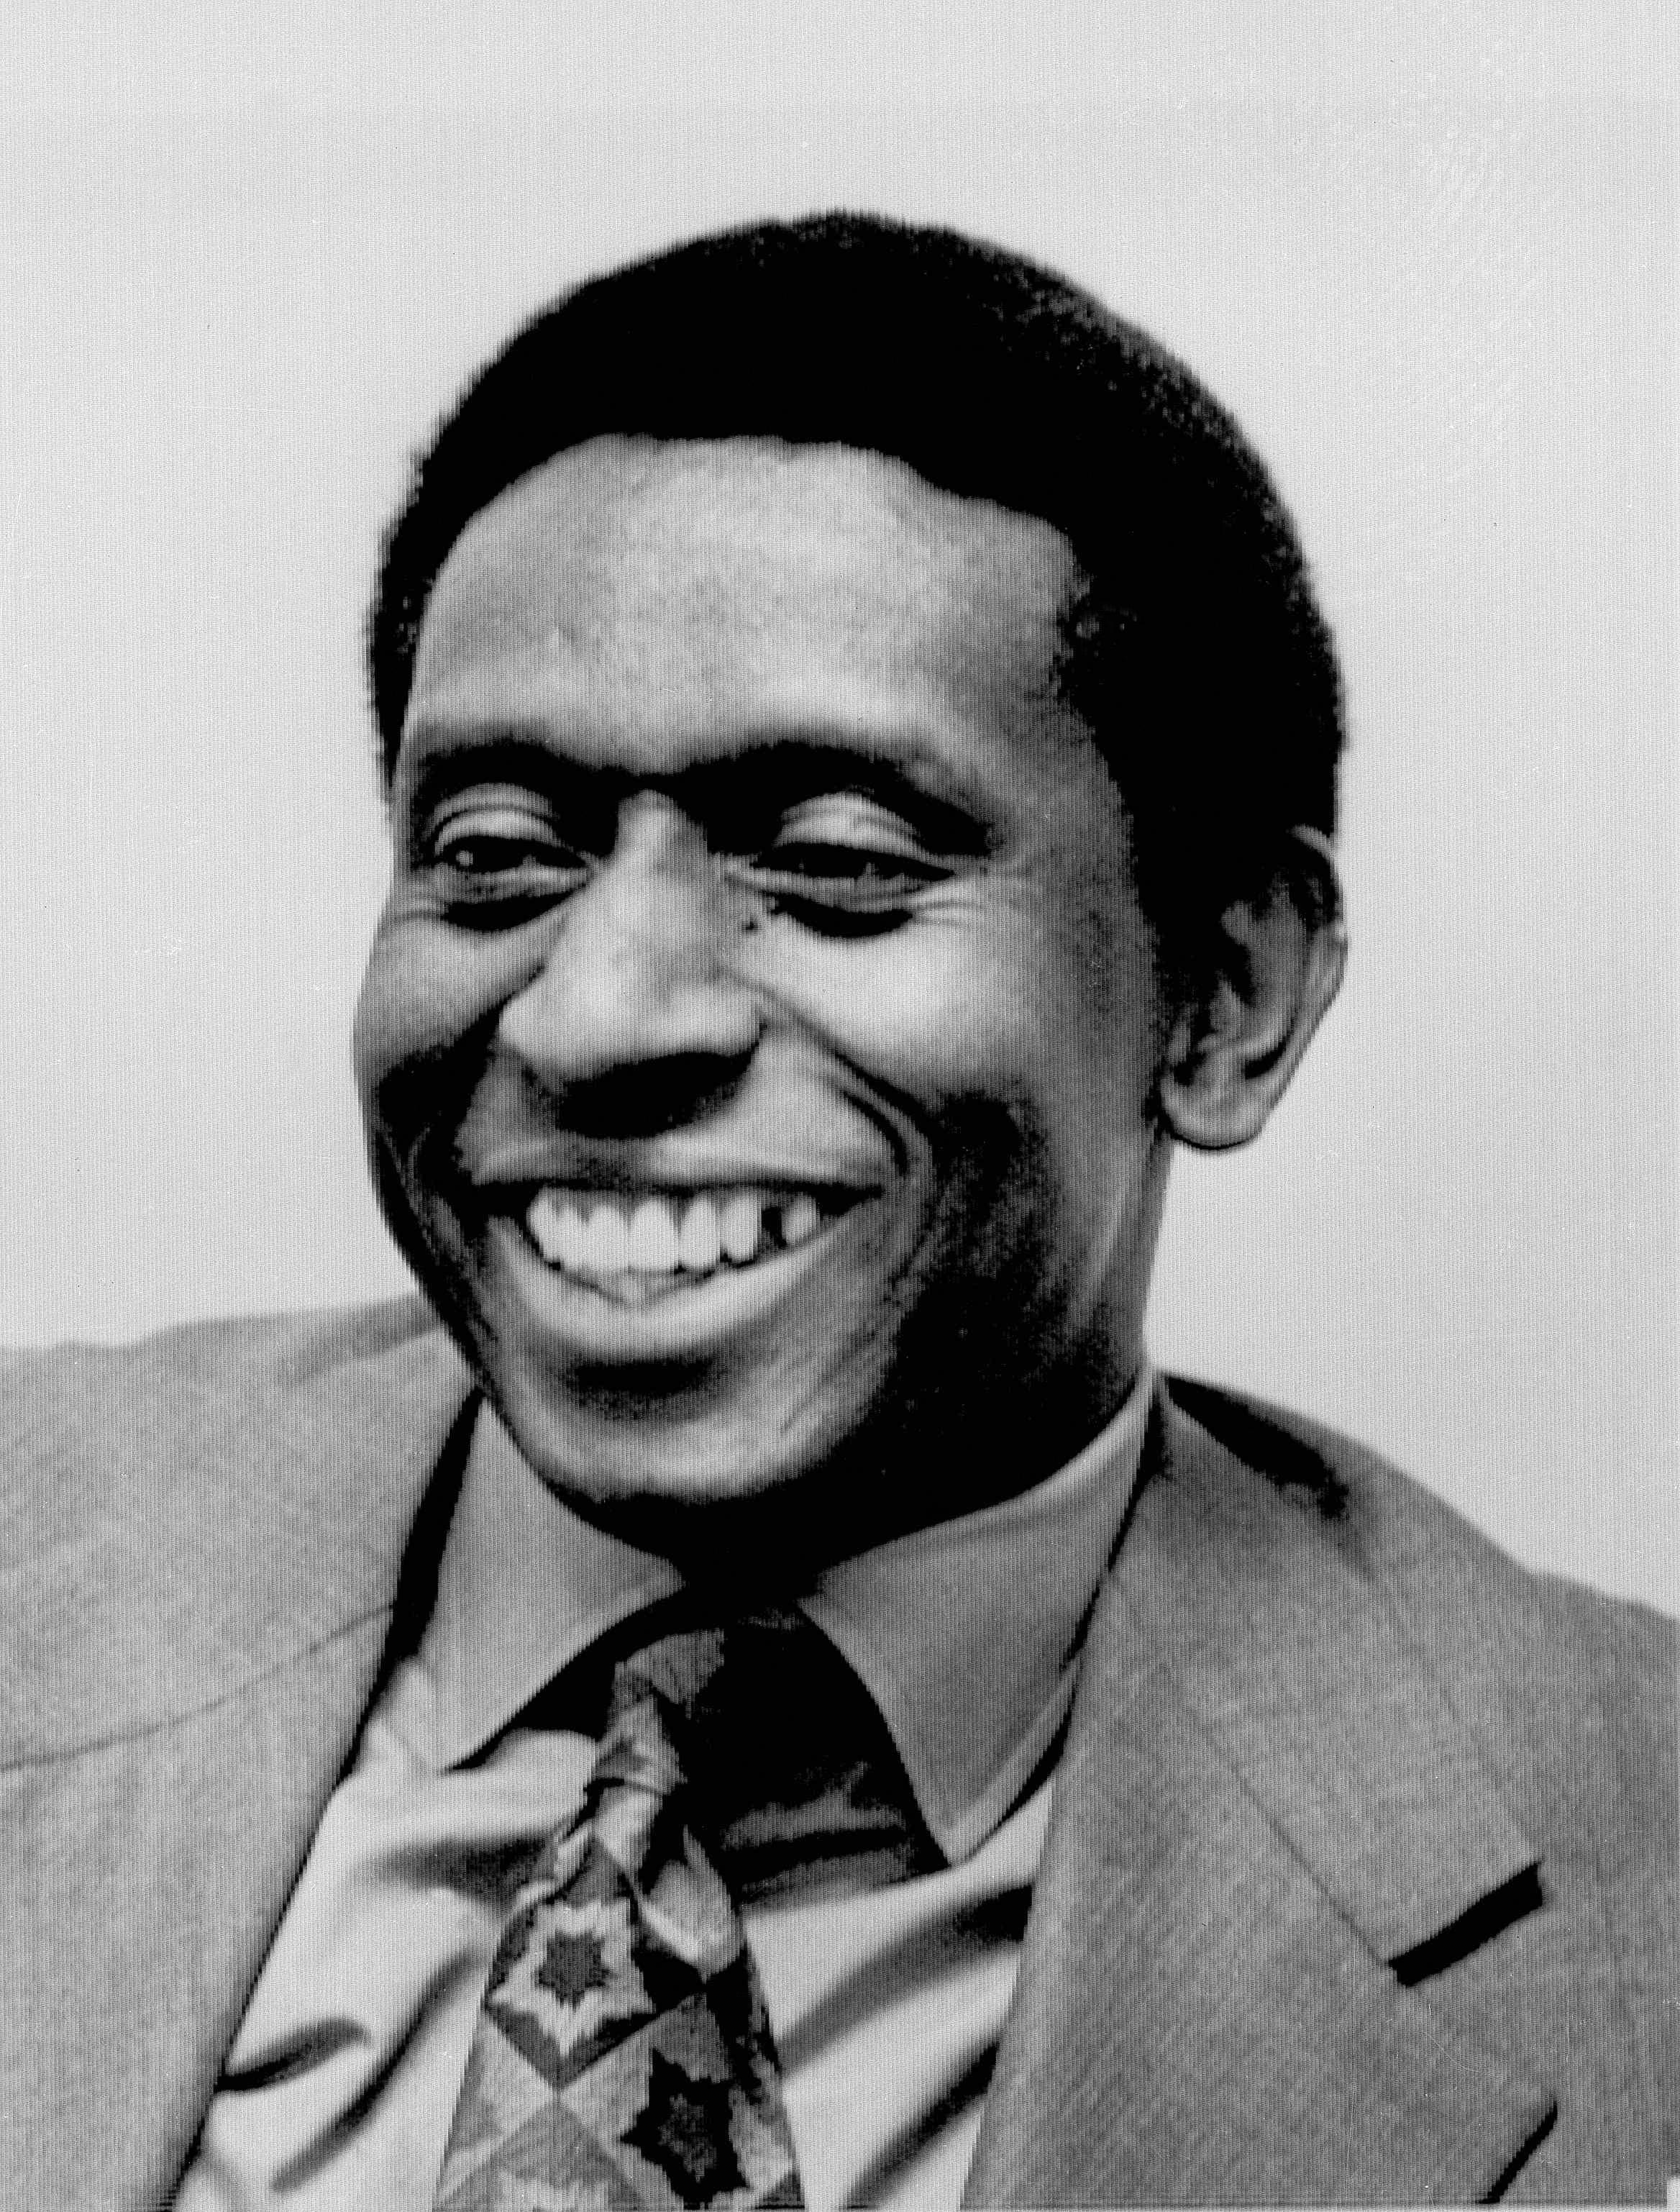 Earl Lloyd, Oct. 30, 1972.